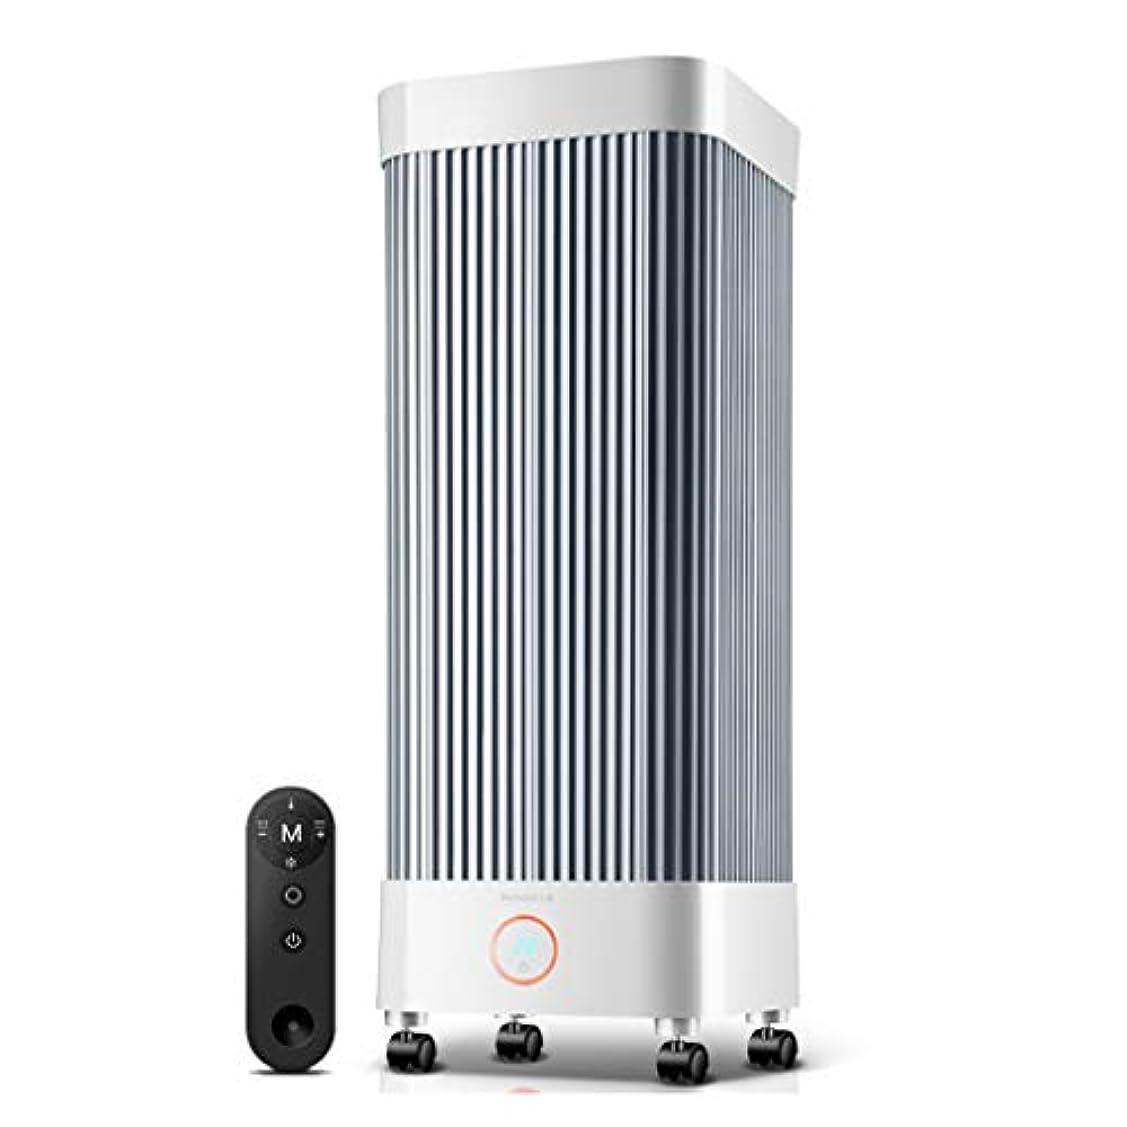 告発者時々時々特異なXing zhe 電気ヒーター - 電気加熱炉、リモートコントロール、家庭用、省エネ - 無色 - 白色電力:550W / 2000W 家庭用器具